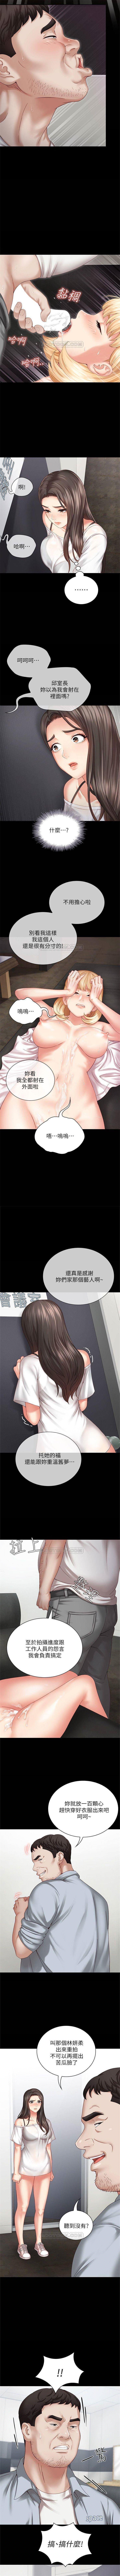 妹妹的義務 1-38 官方中文(連載中) 49